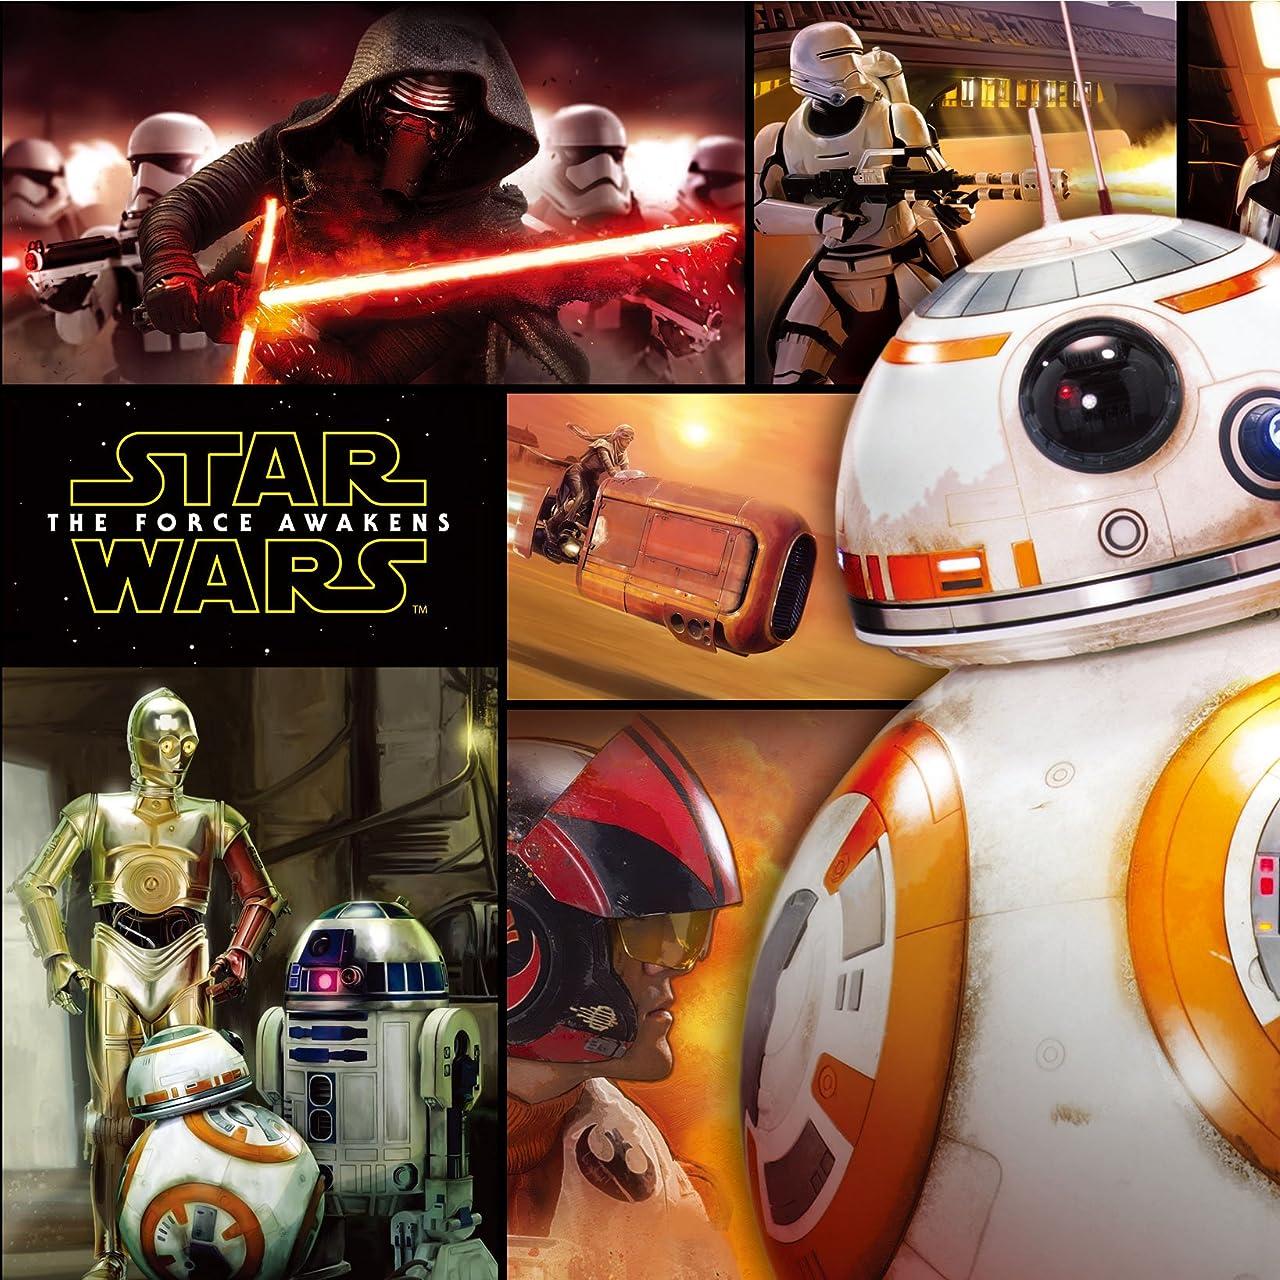 スター ウォーズ Star Wars フォースの覚醒 Bb 8 C 3po R2 D2